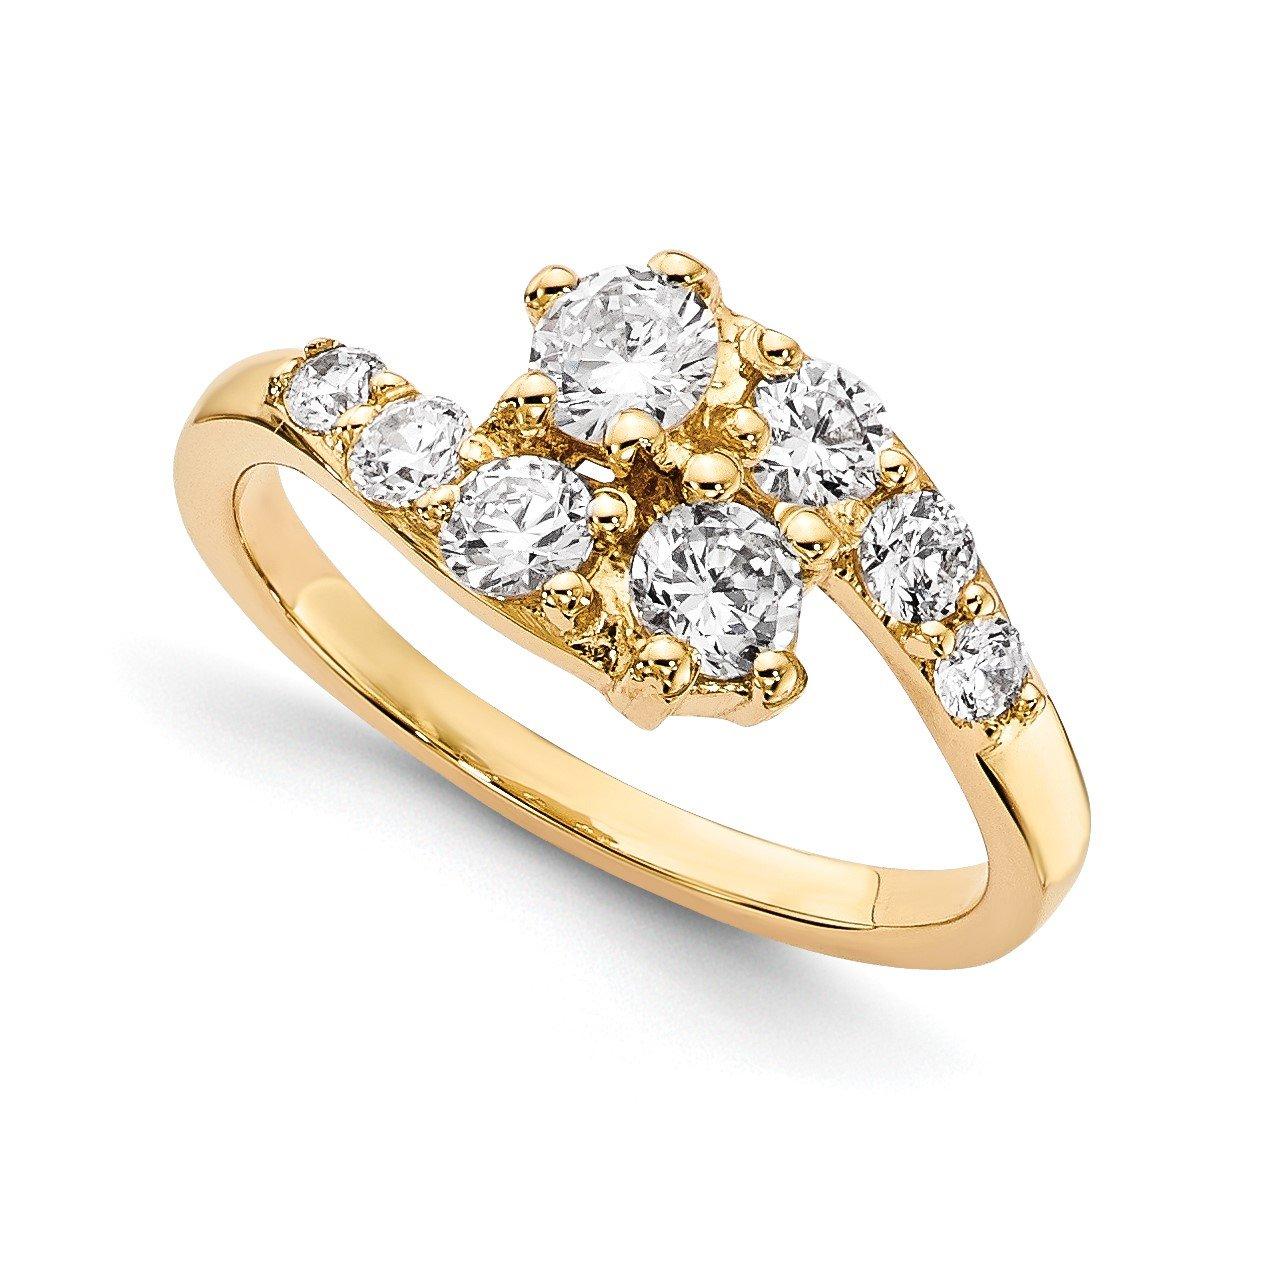 14KY AA Diamond 2-stone Ring Semi-Mount - 2.8 mm center stones